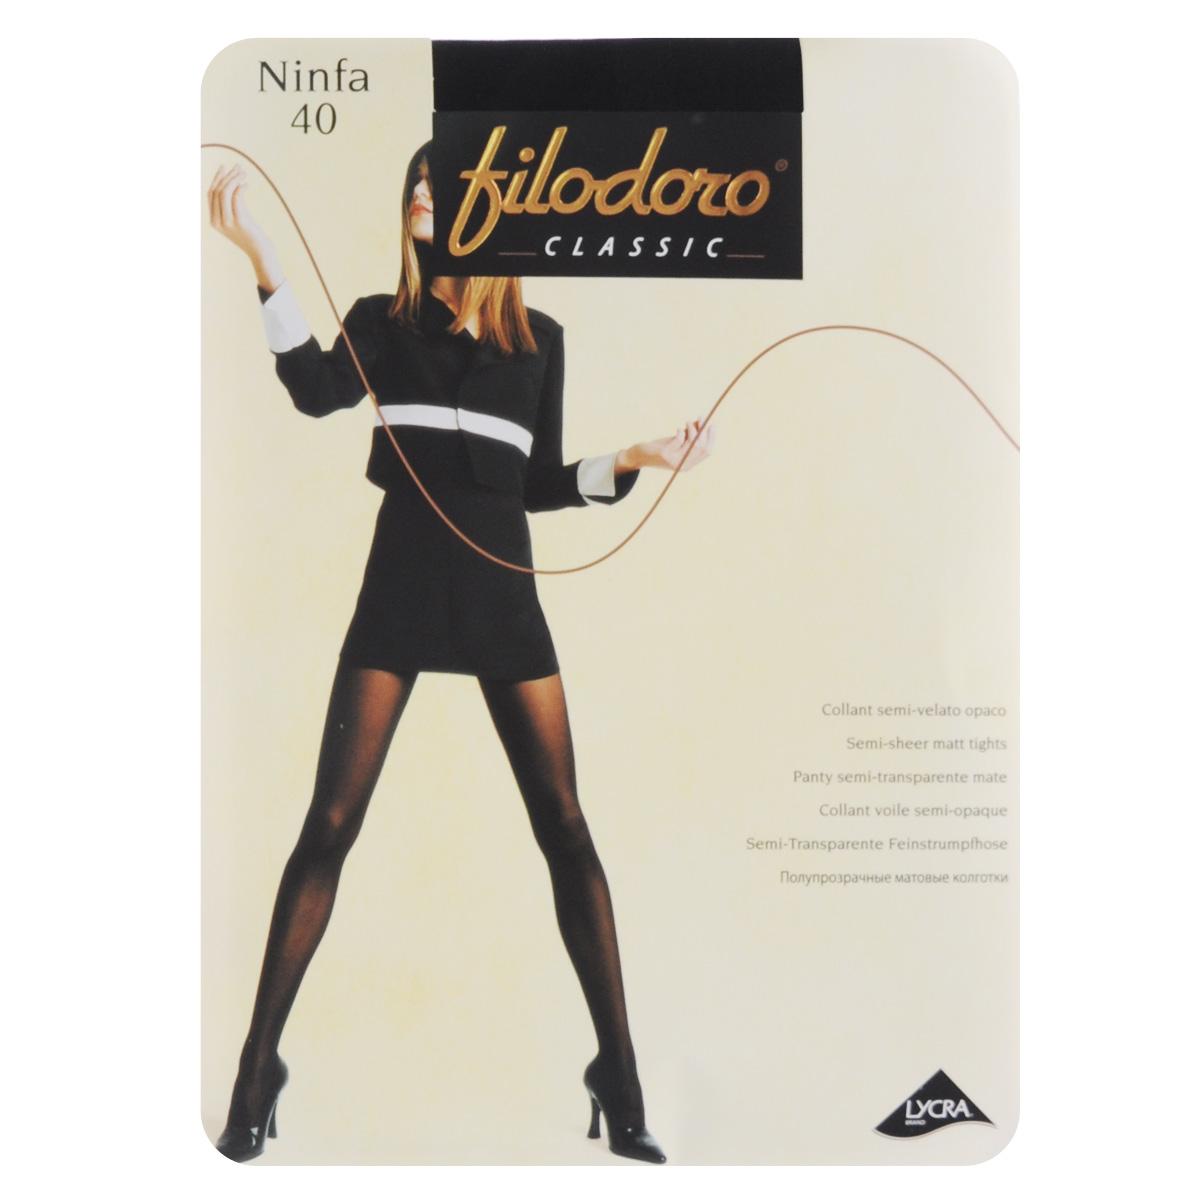 Колготки женские Filodoro Classic Ninfa 40, цвет: Nero (черный). C115059FC. Размер 5 (Maxi-XL) колготки женские filodoro classic ninfa 20 цвет nero черный c109172fc размер 2 s